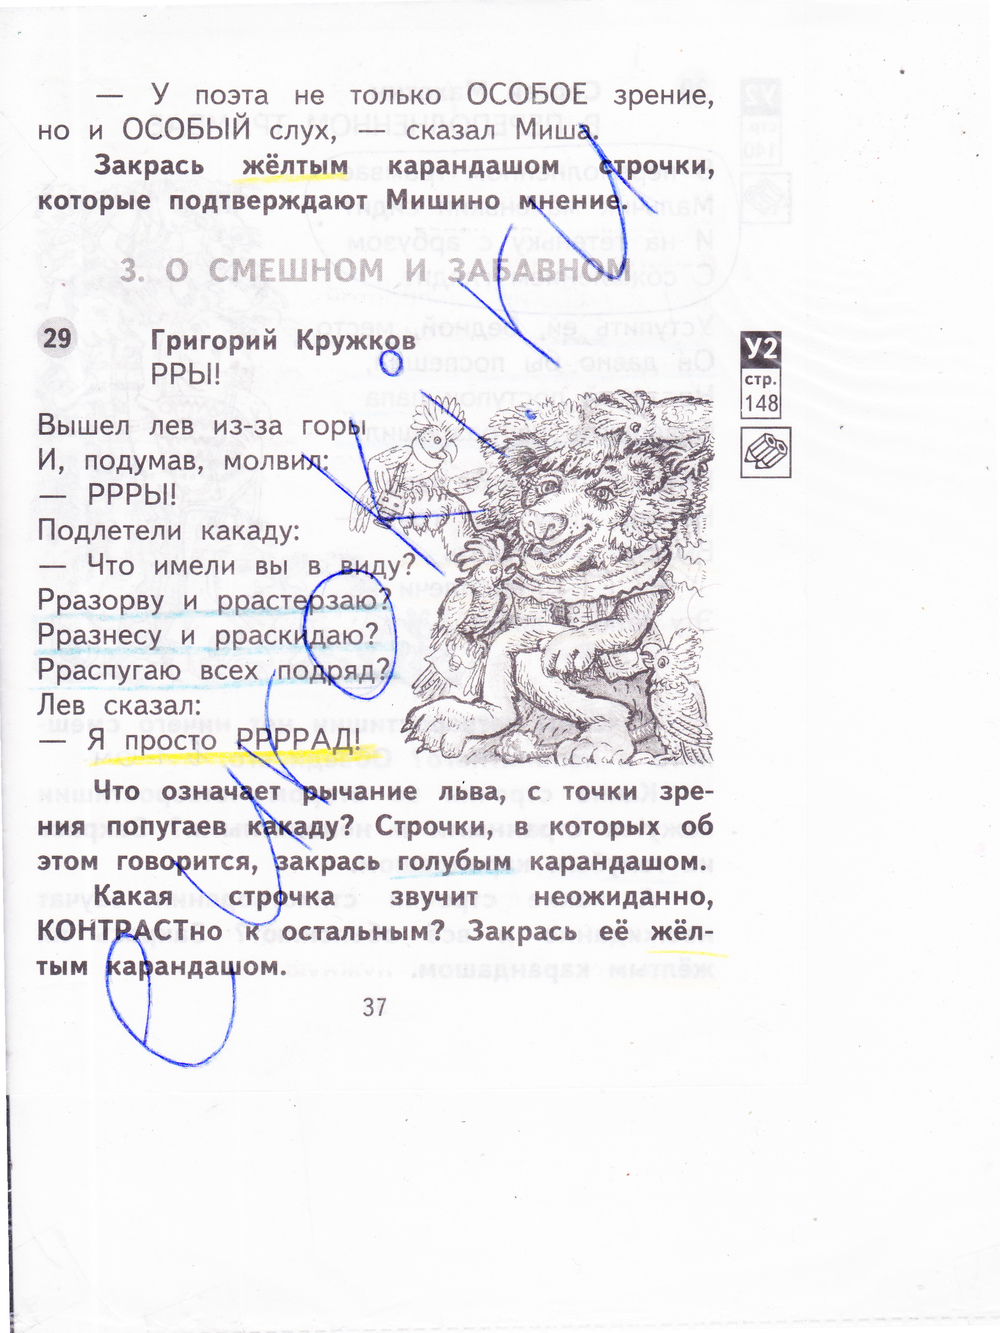 ГДЗ по литературному чтению 2 класс рабочая тетрадь Малаховская Часть 1, 2. Задание: стр. 37